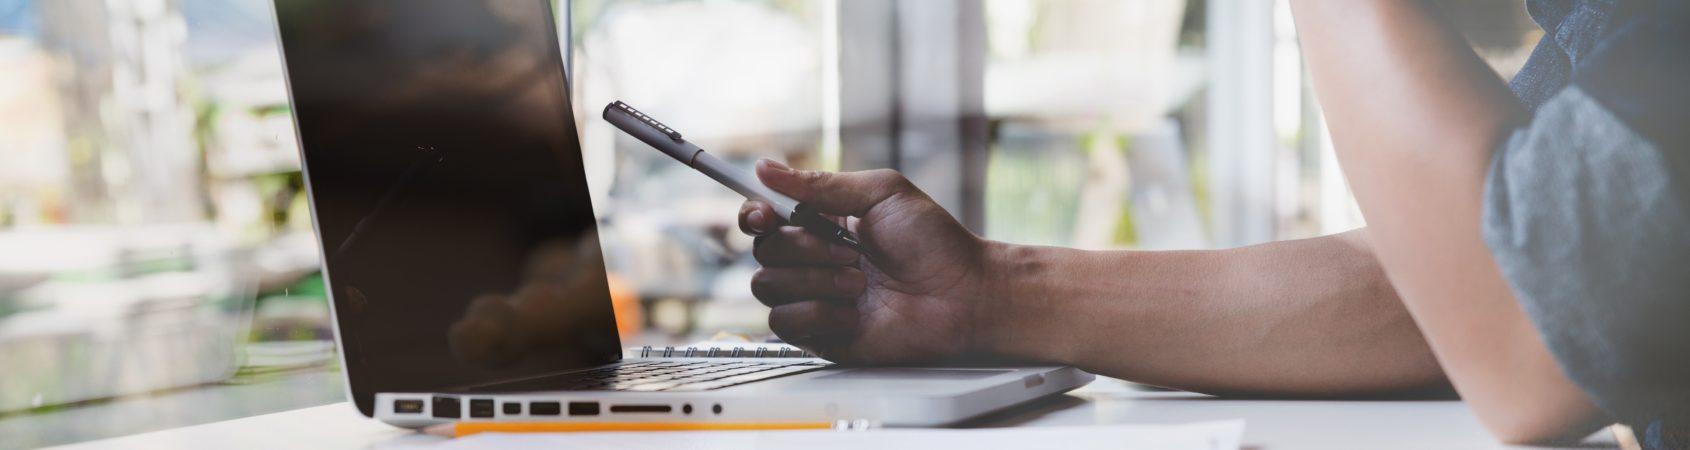 Quelle est la longueur idéale d'un texte pour le référencement web?